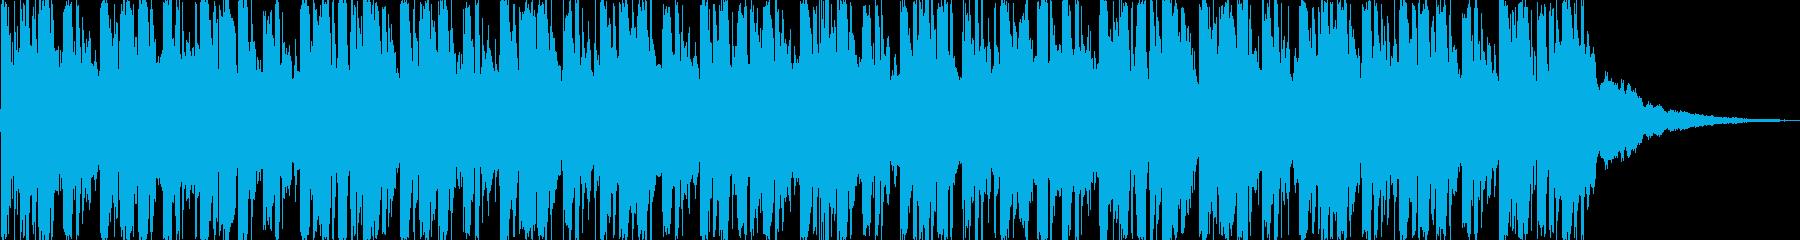 クラビがファンキーなソウルポップスの再生済みの波形